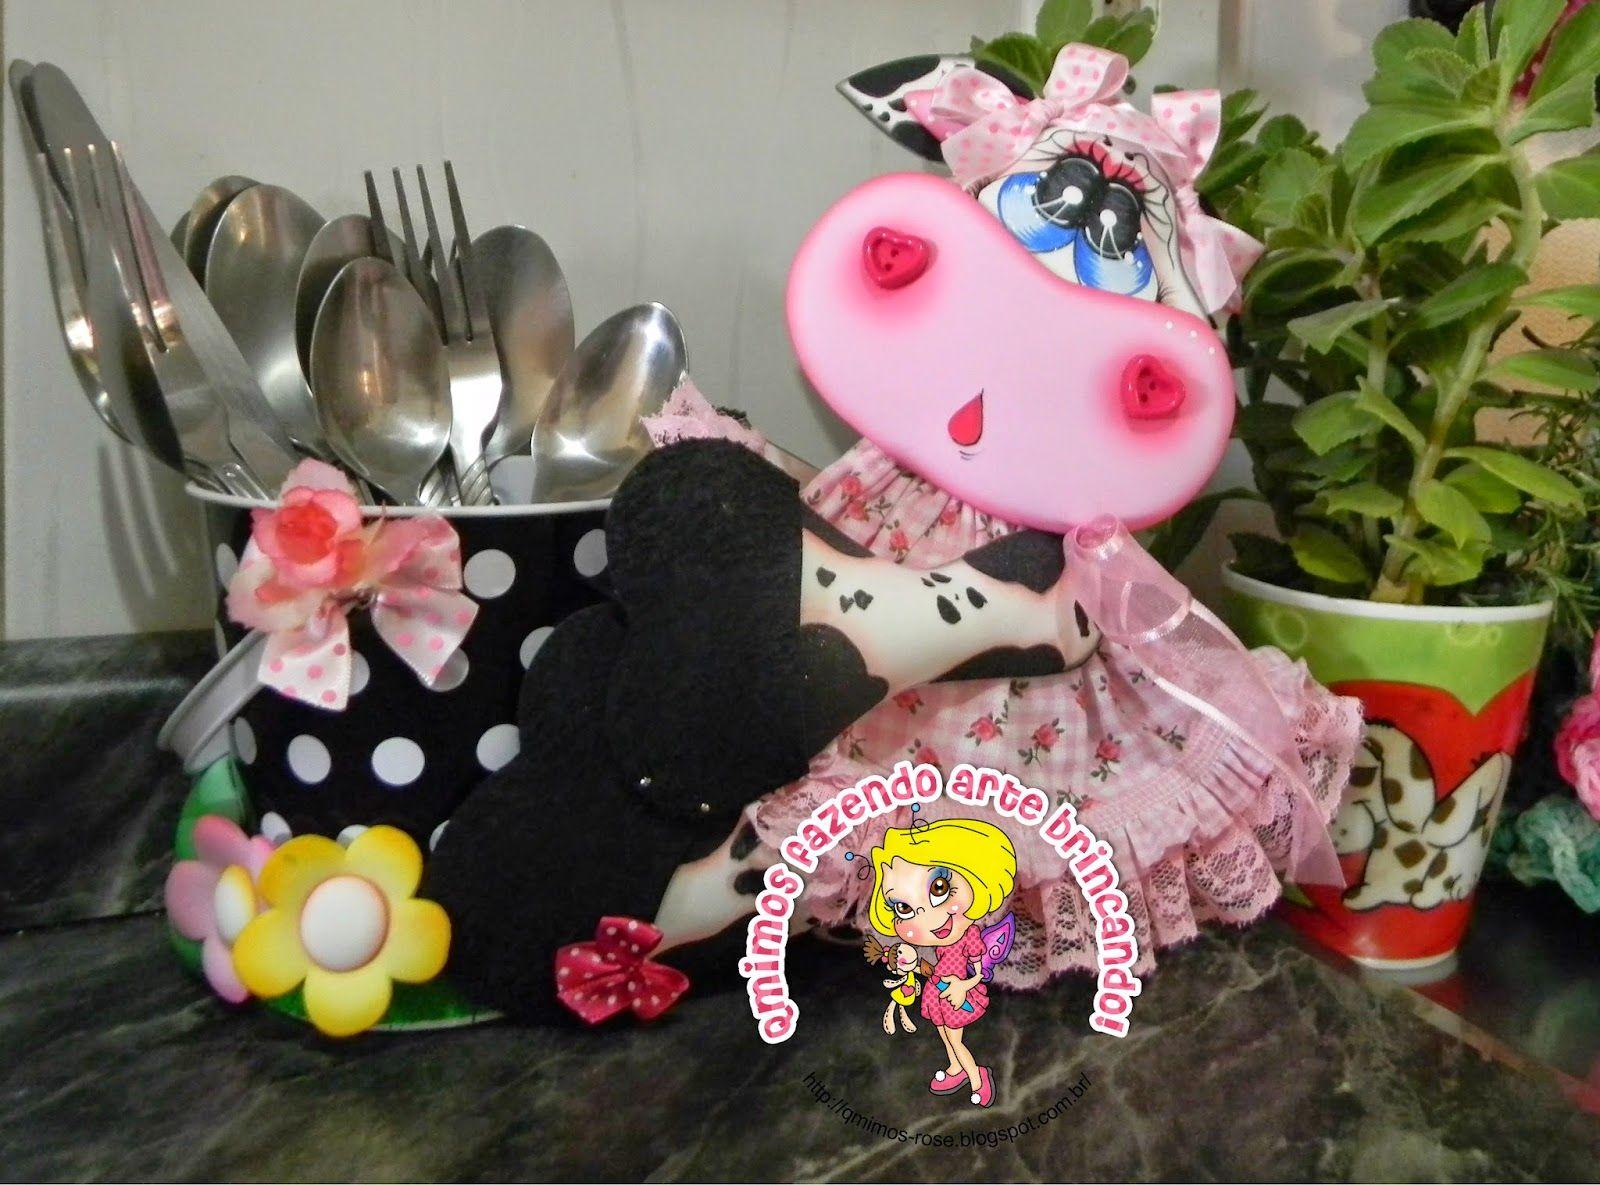 Qmimos - Fazendo Arte brincando | decorar la cocina | Pinterest ...